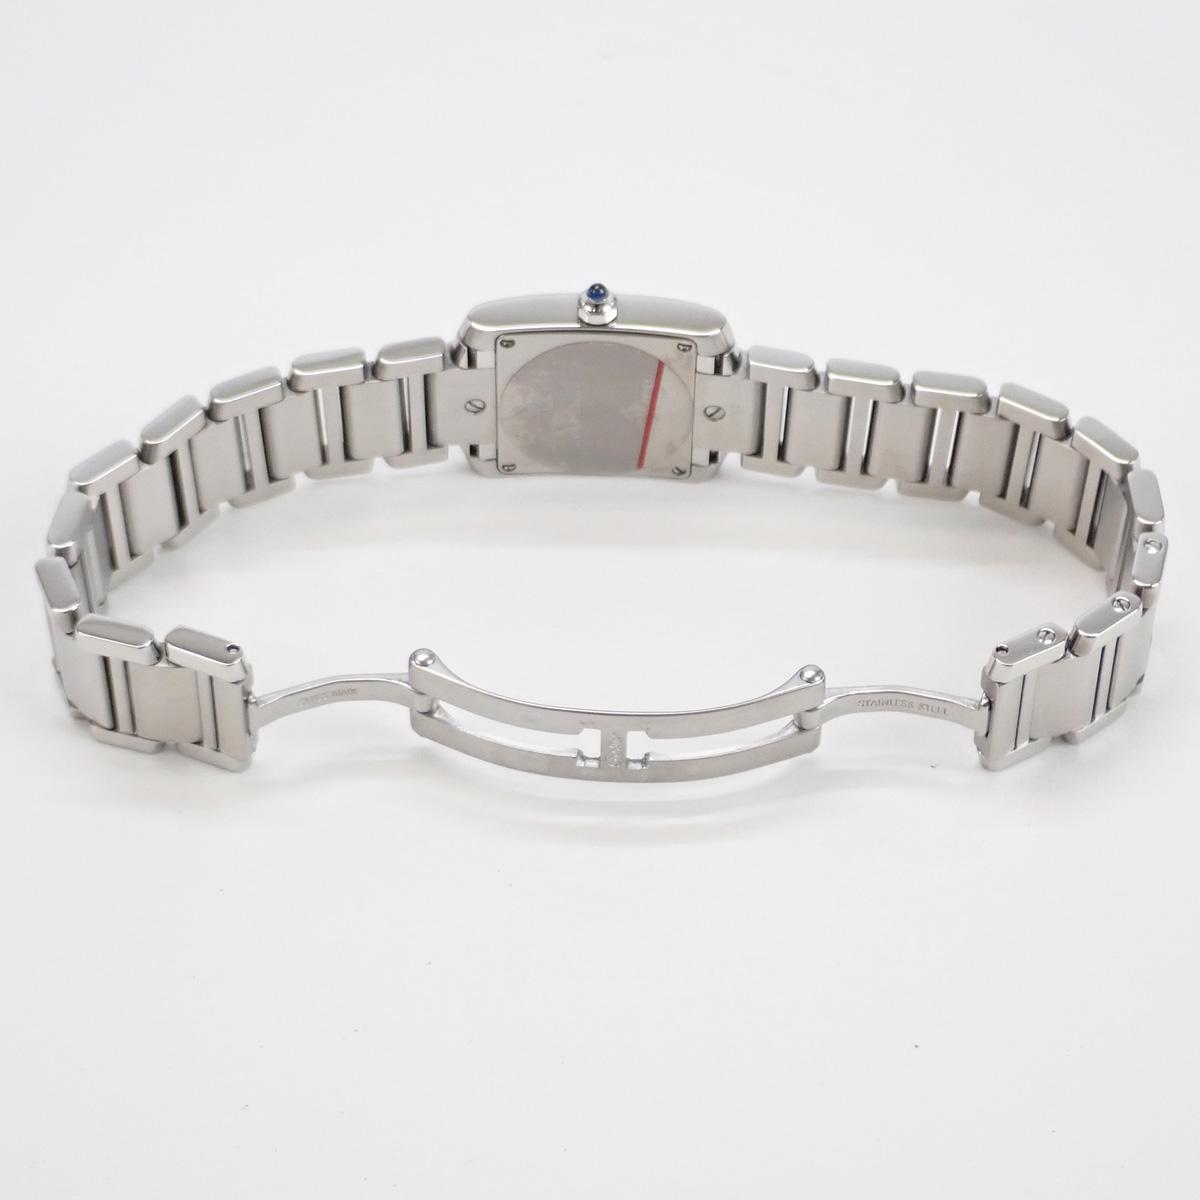 【辛口評価】【Aランク】Cartier カルティエ タンクフランセーズSM レディース 腕時計 W51008Q3 ホワイト文字盤